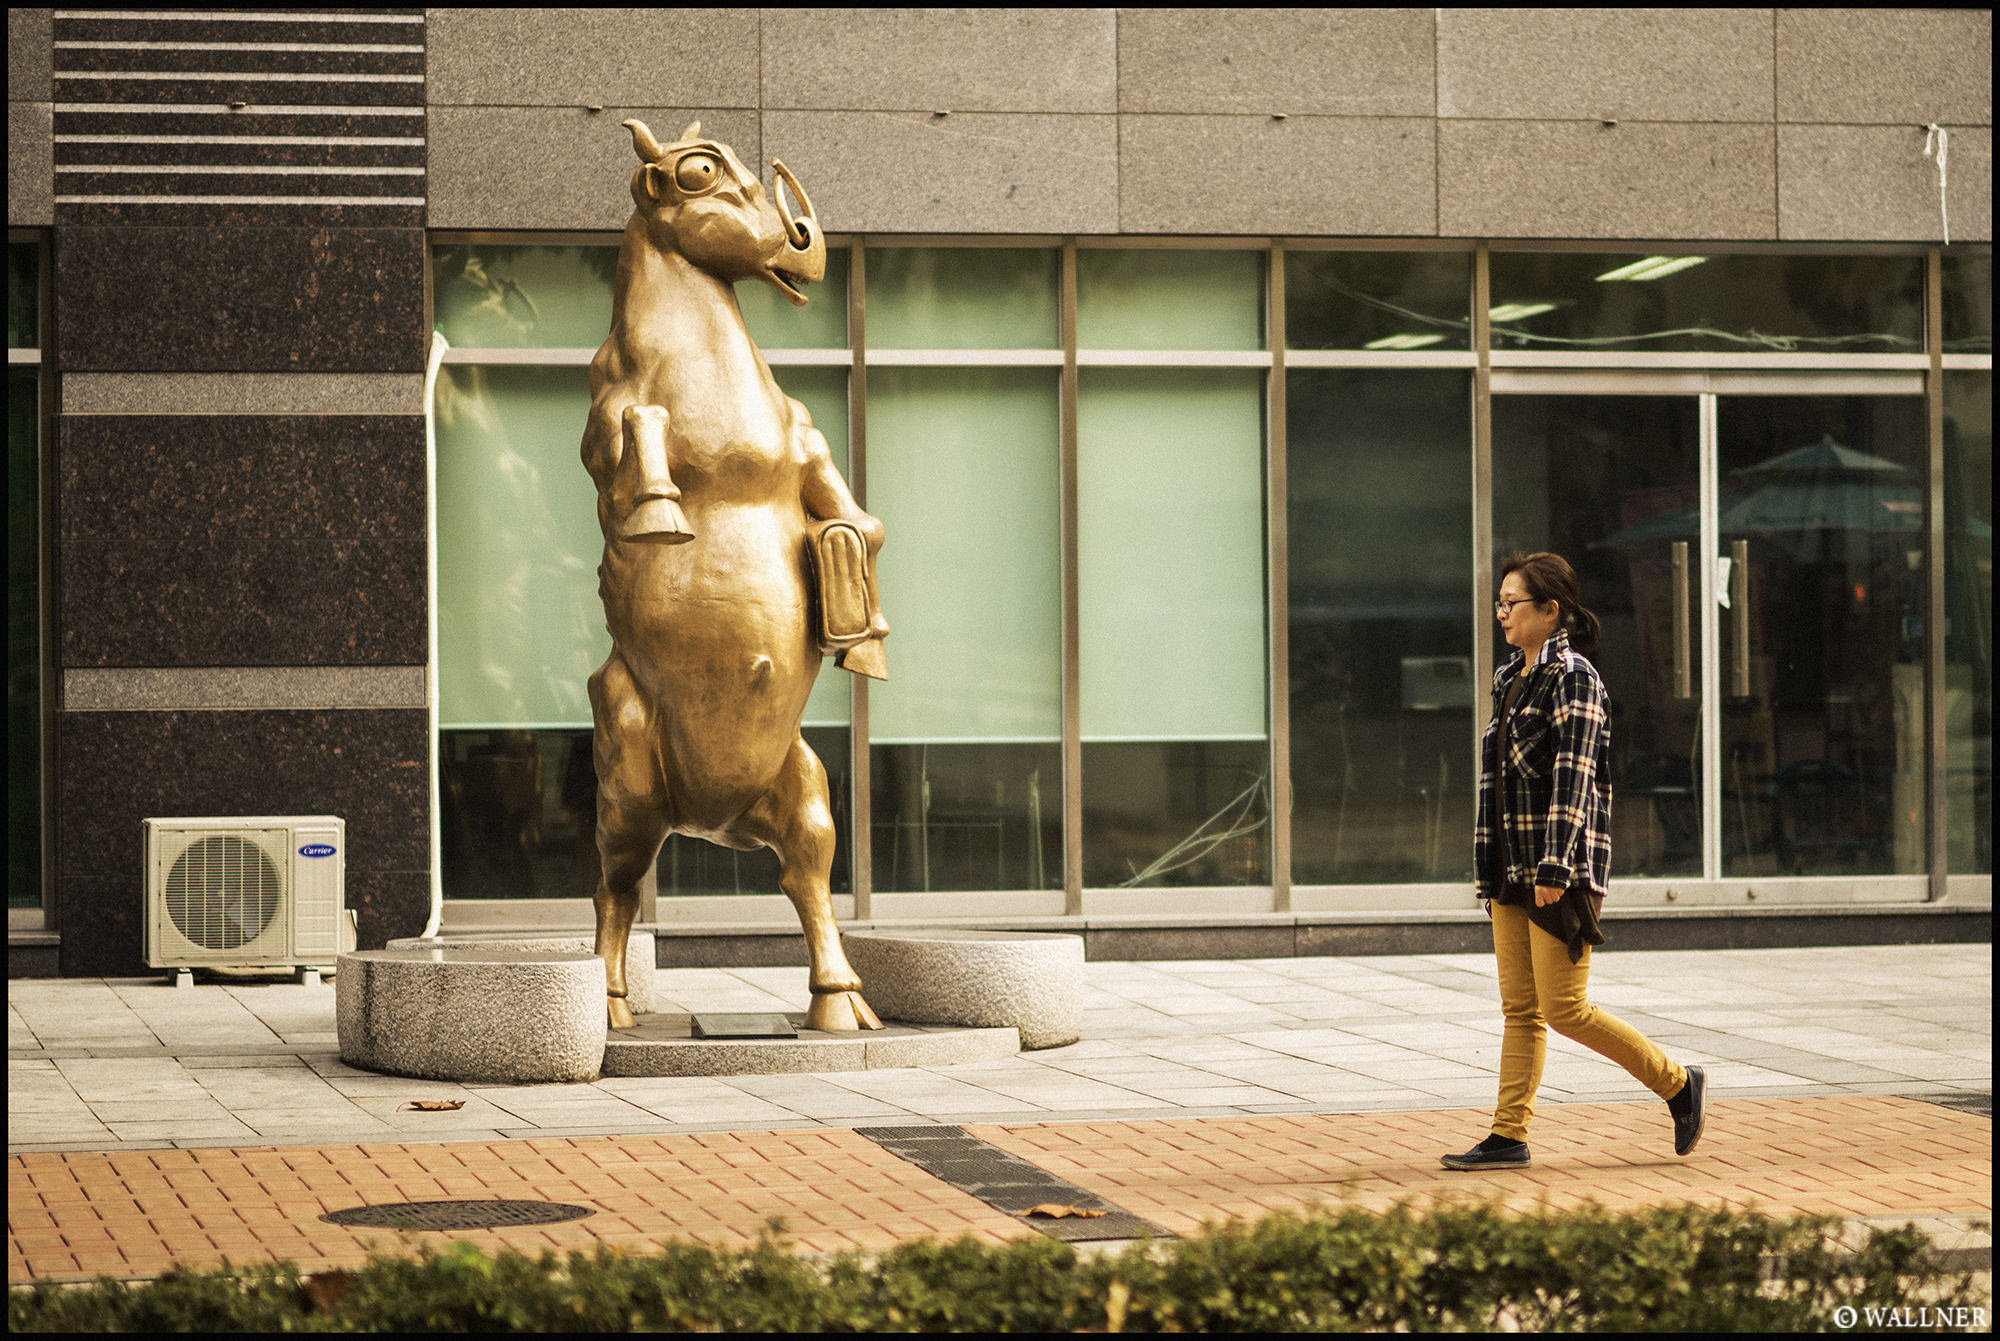 Digital Patrik Wallner Seoul Wall Street Bull LOWQ 2000P w WM